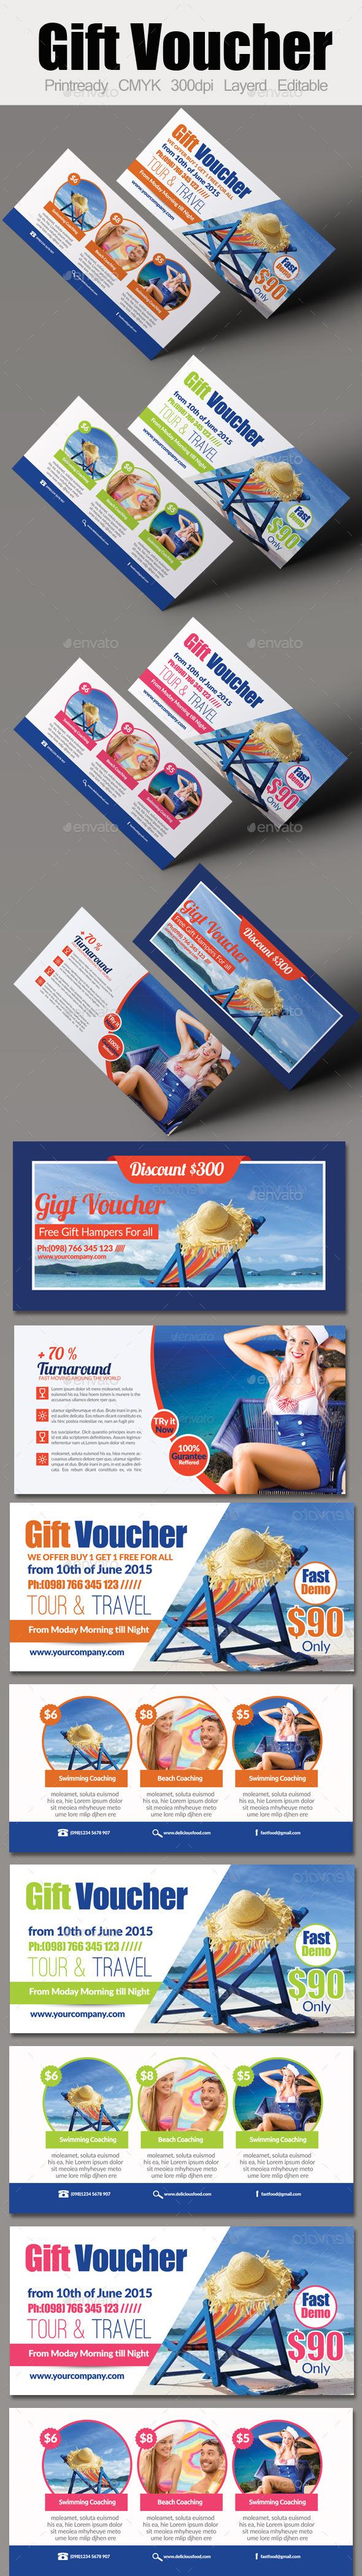 Tour Travel Gift Voucher Bundle - Cards & Invites Print Templates